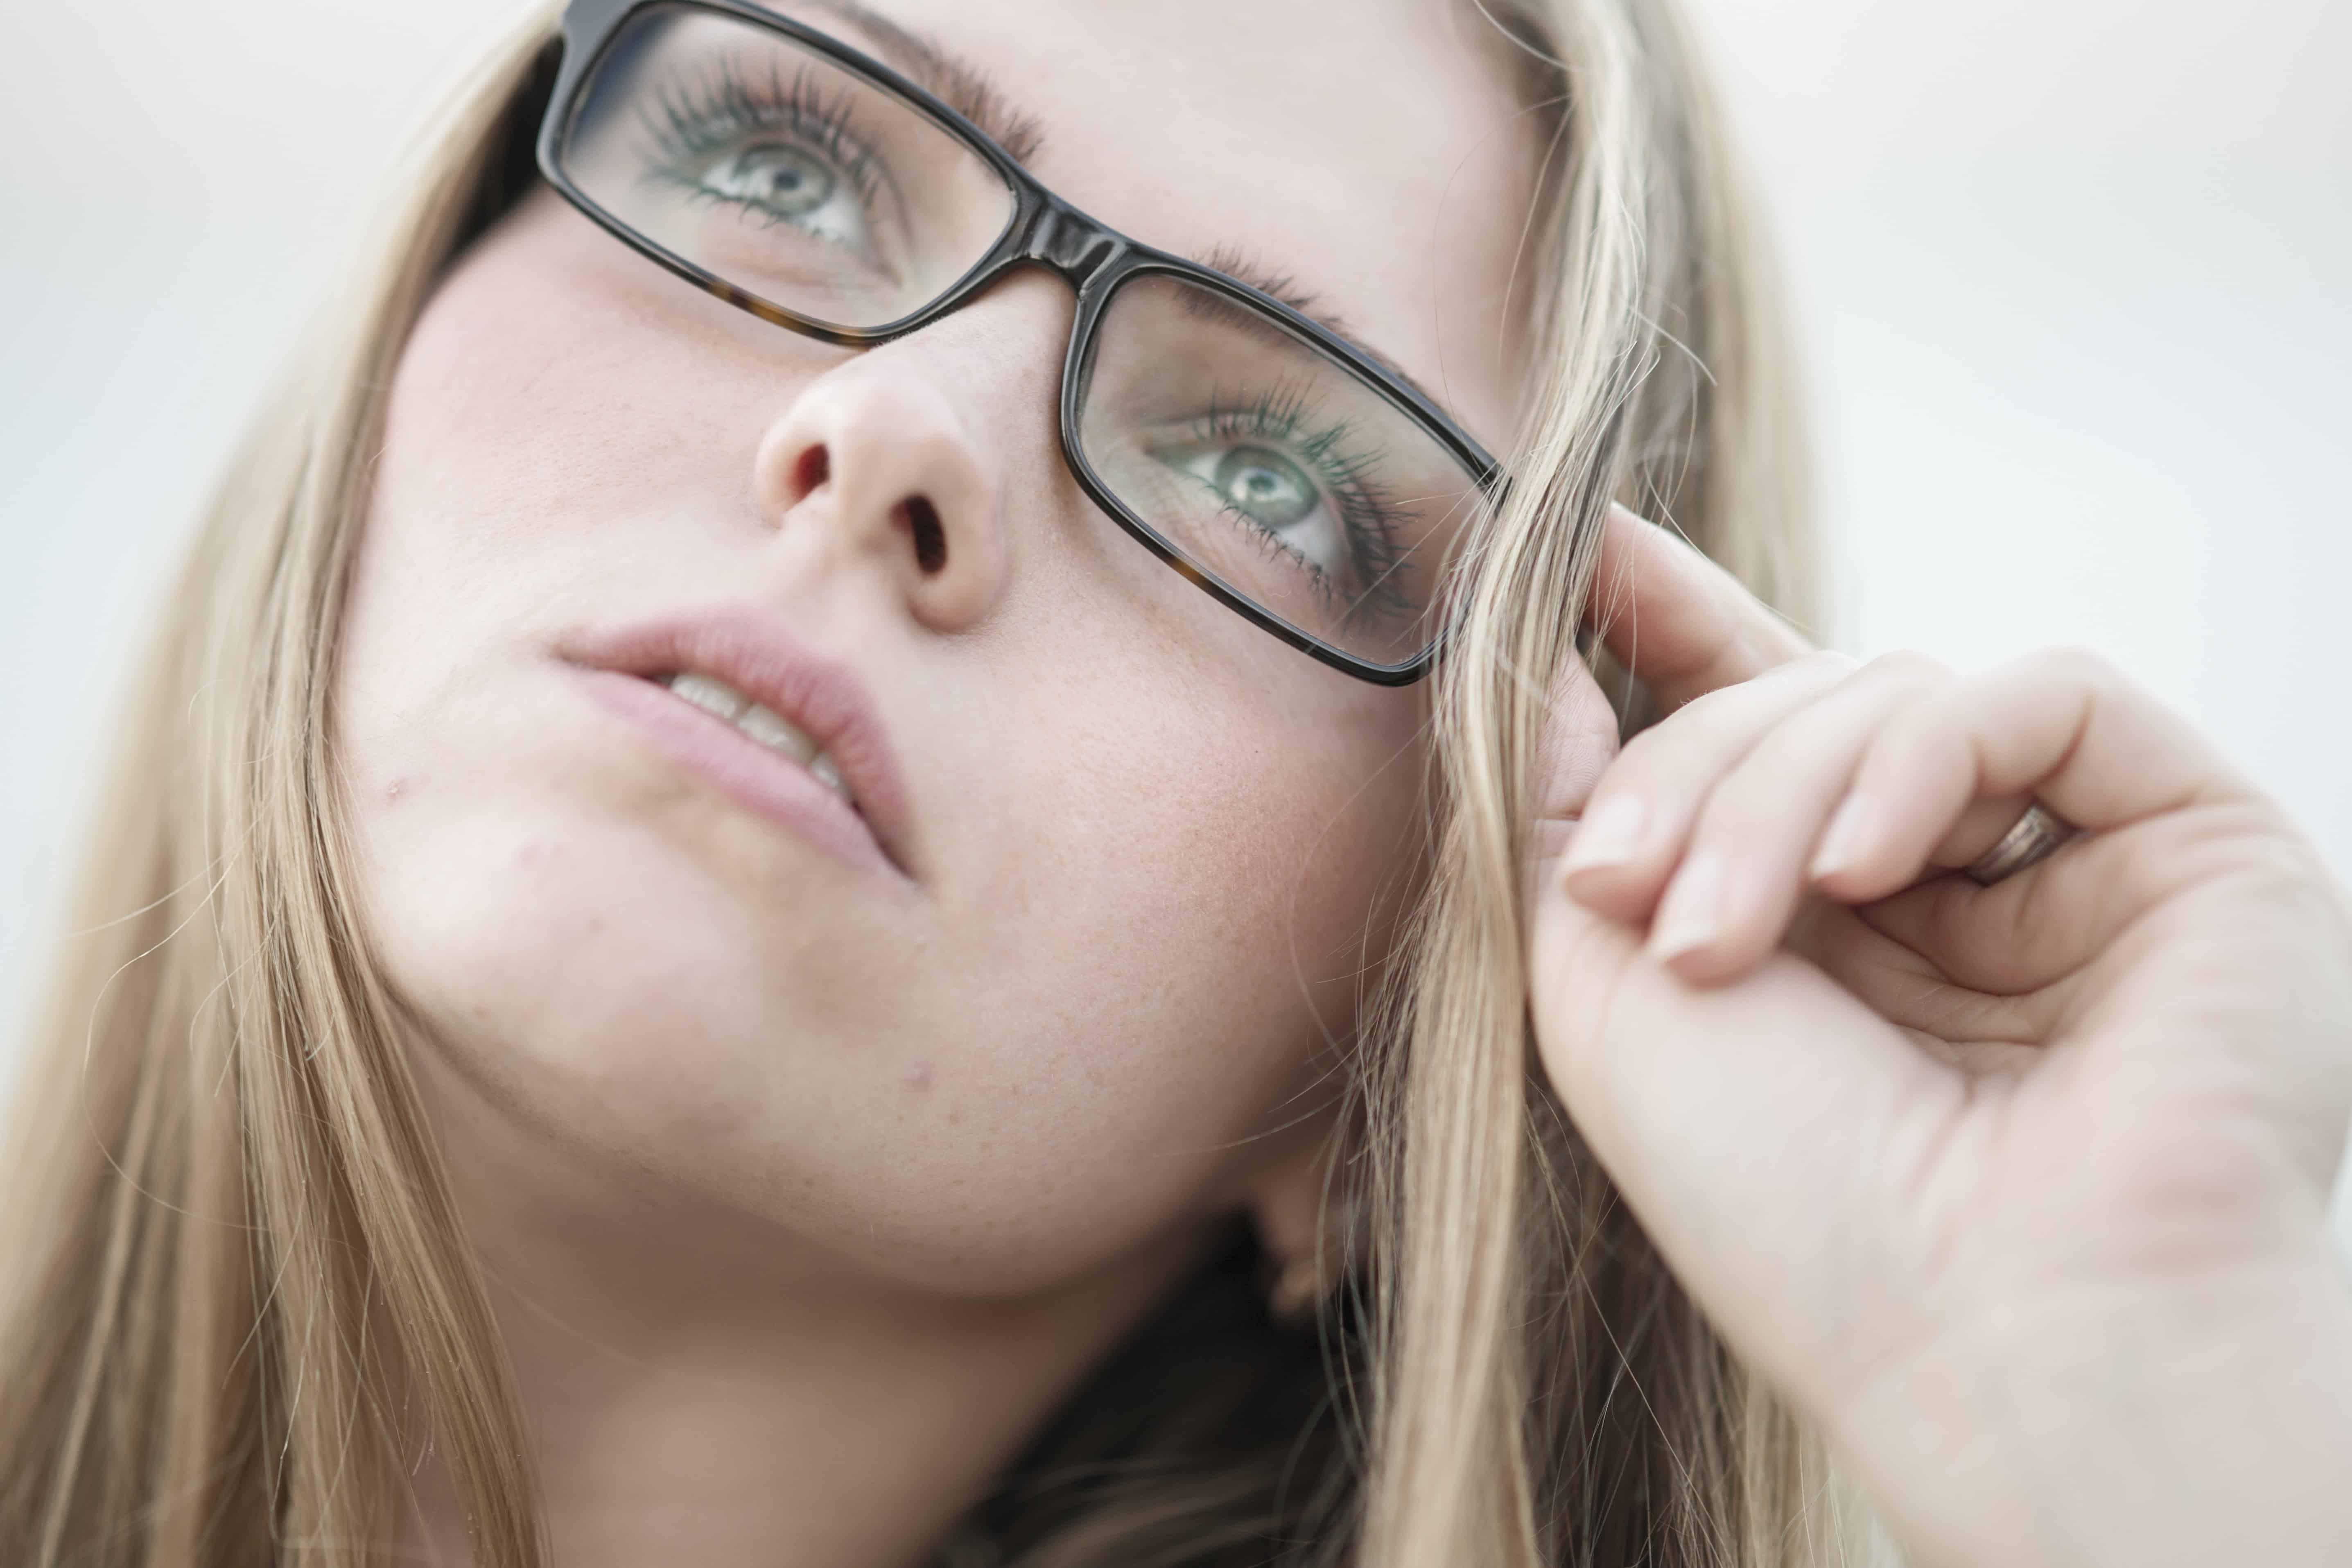 Очки при дальнозоркости: как правильно выбрать?